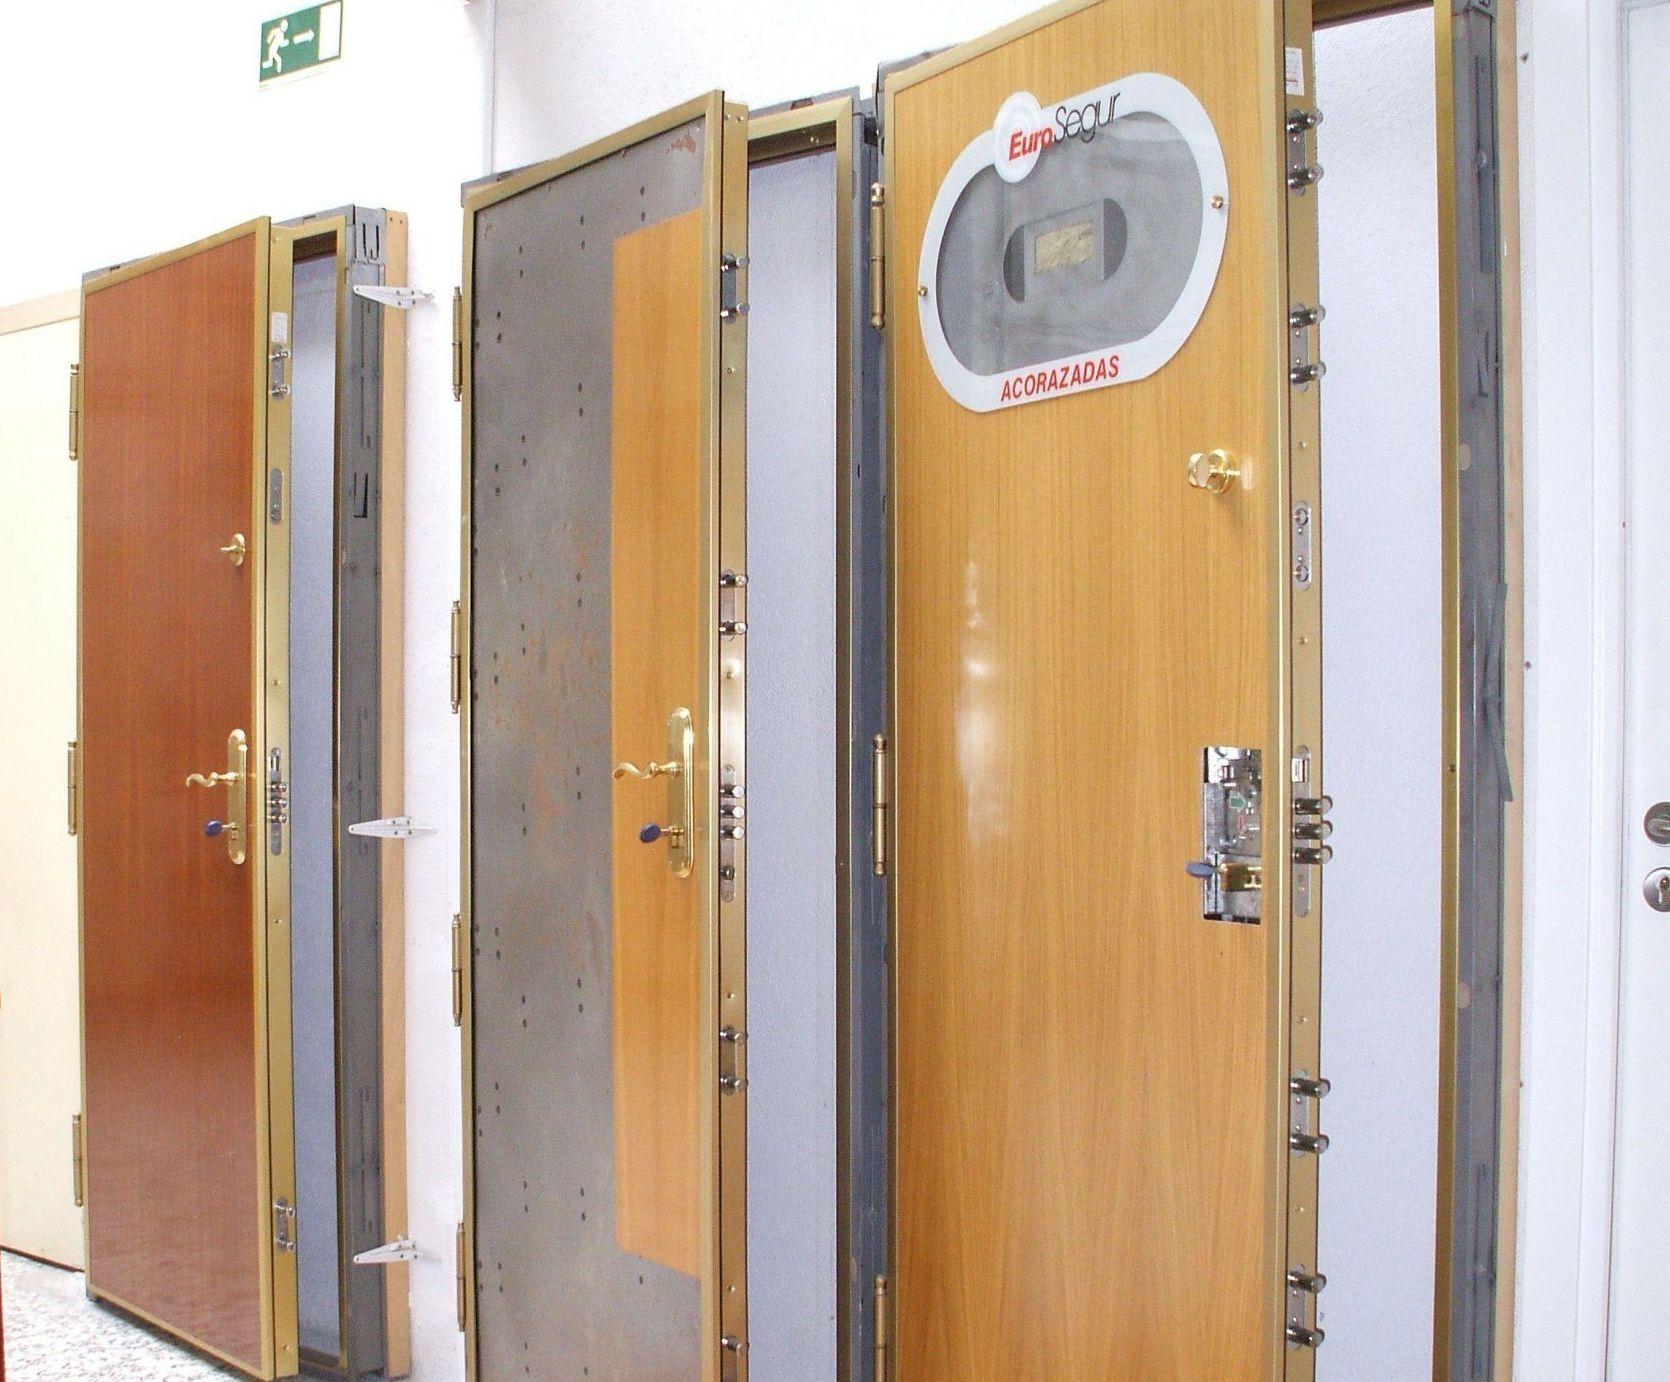 Venta e instalaci n de puertas acorazadas y puertas antiocupa - Puertas acorazadas malaga ...